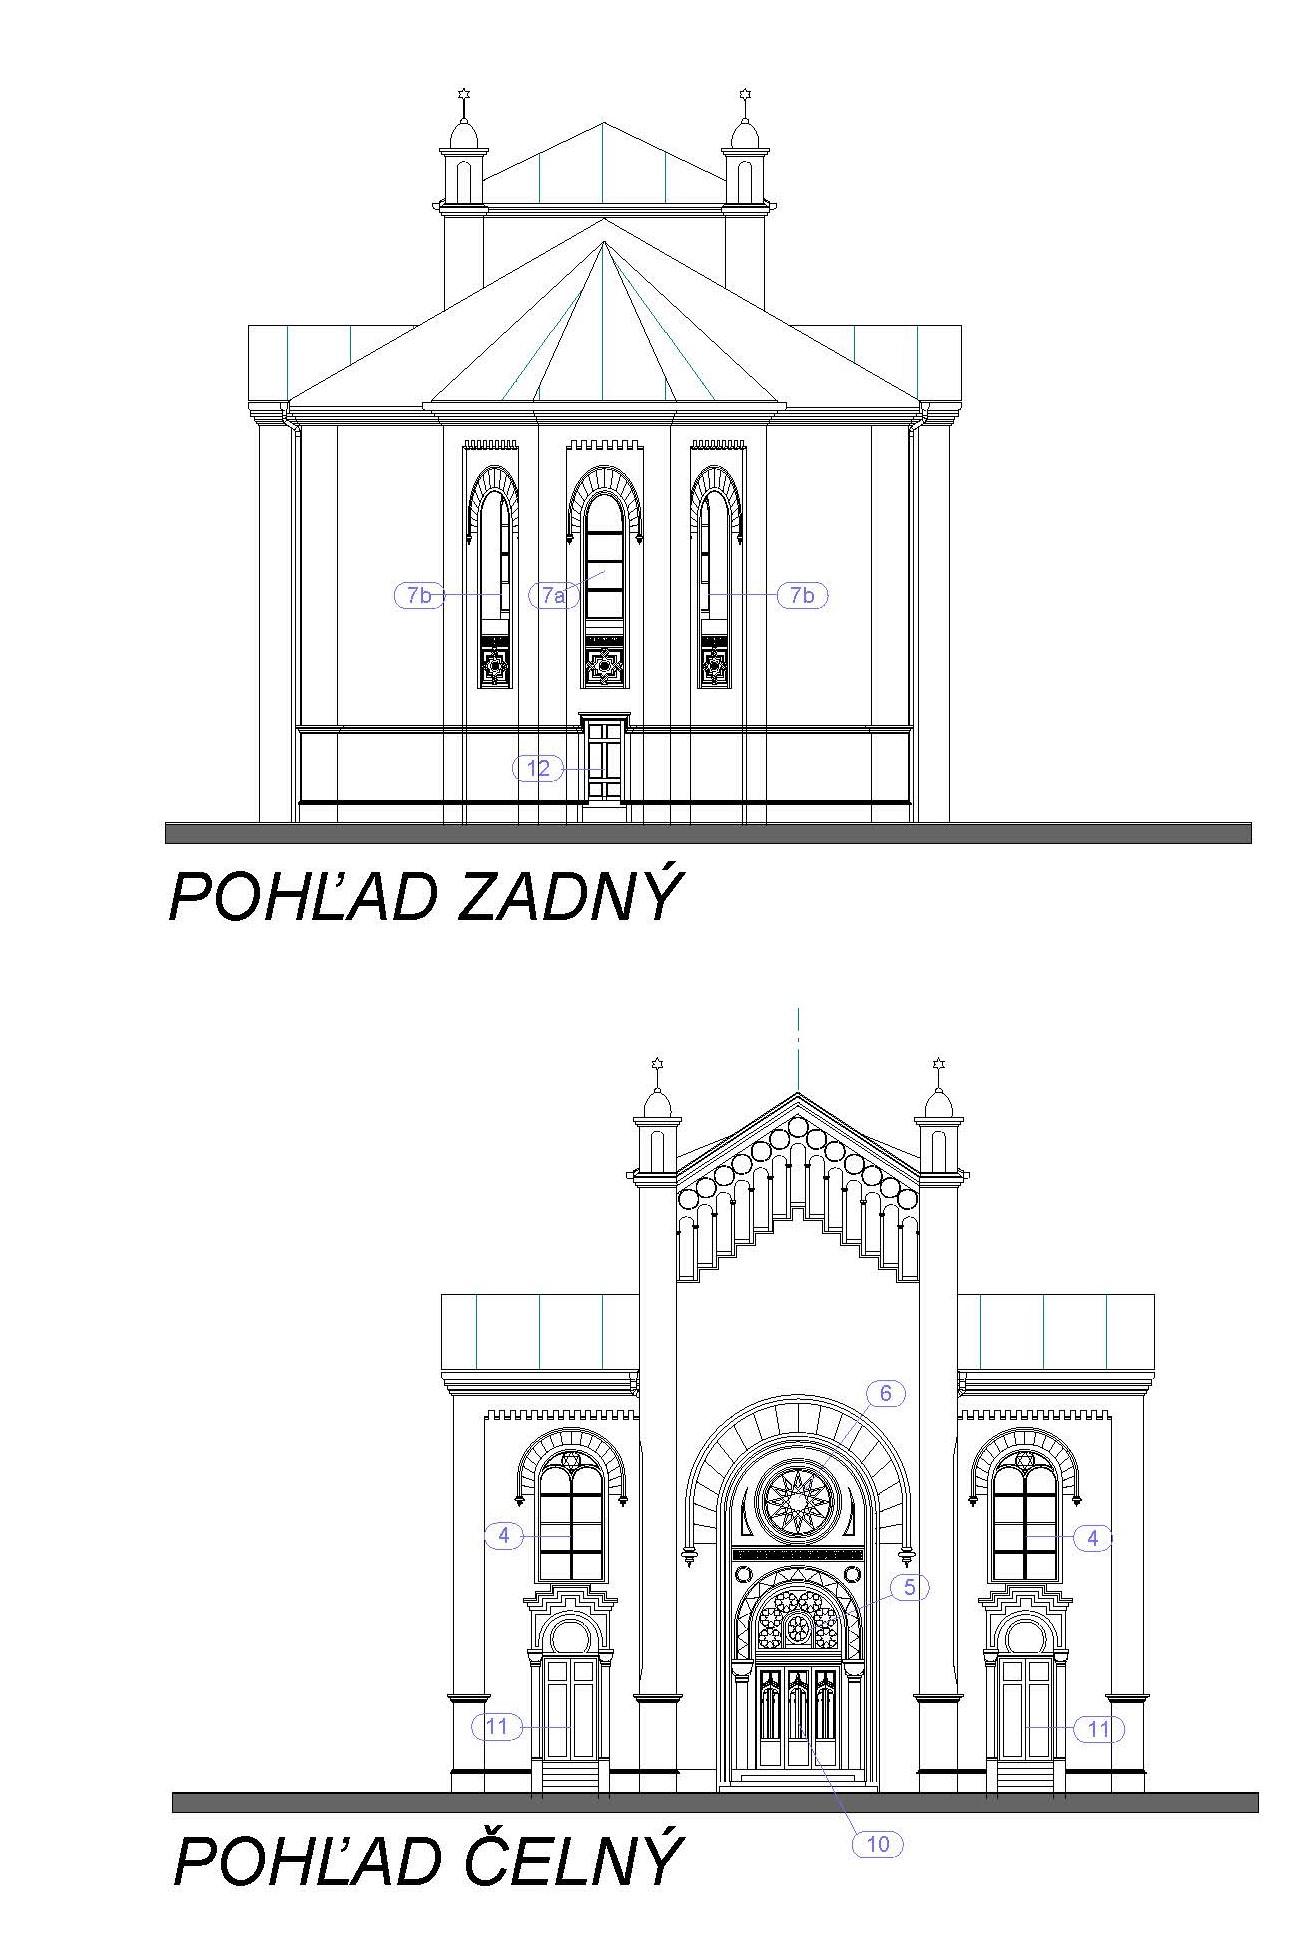 Šaradinokna_pohlad_zadny_celny1